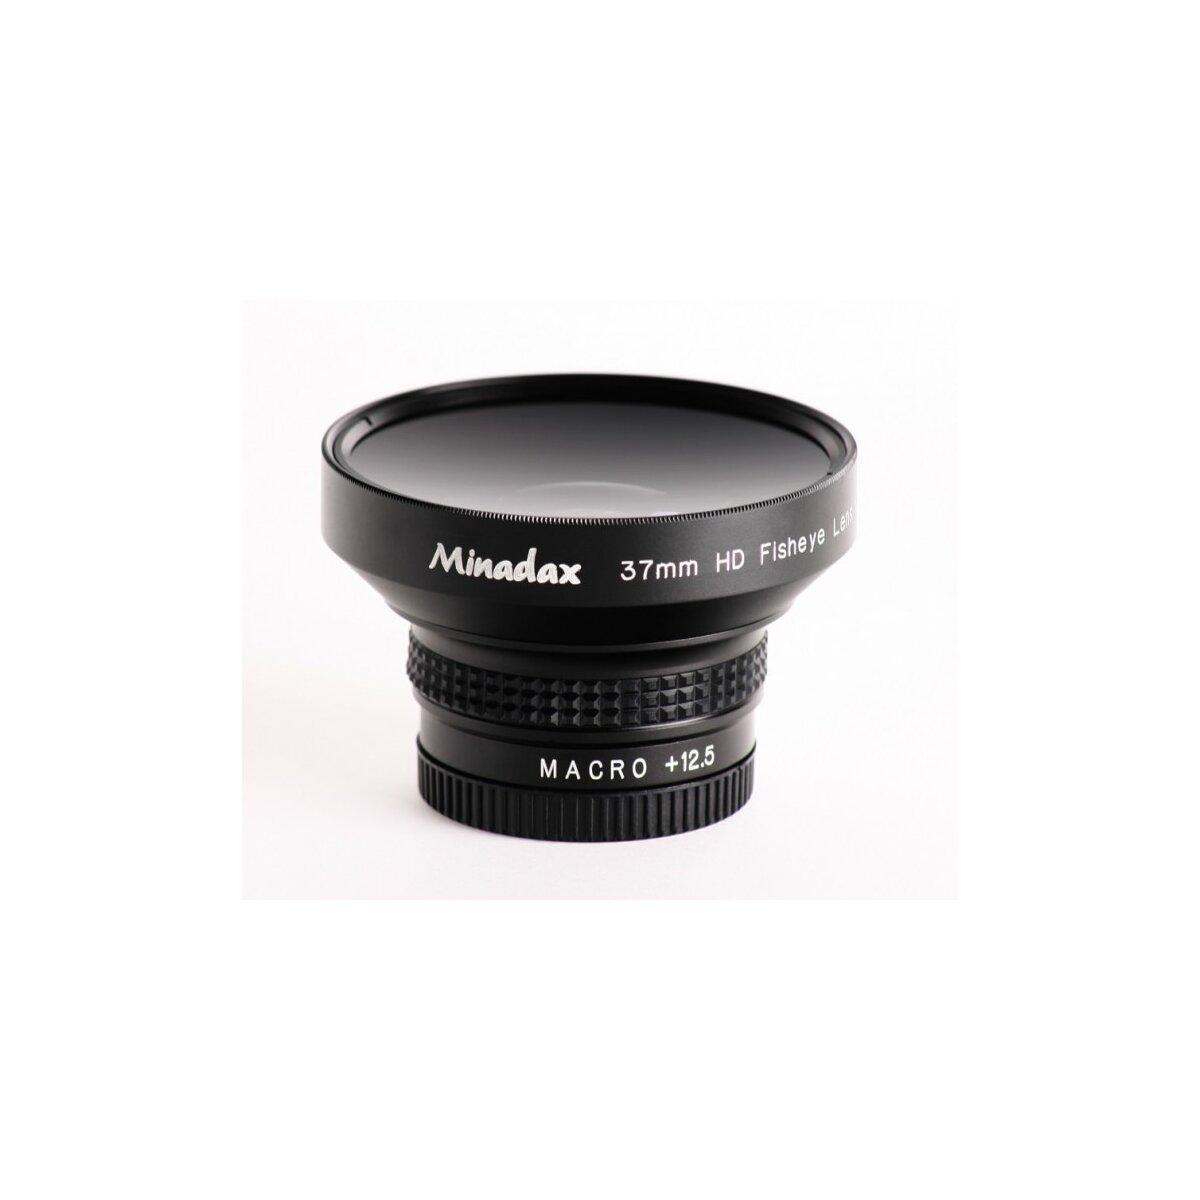 0.25x Minadax Fisheye Vorsatz fuer Hitachi DZ-HS501, DZ-GX3100, DZ-GX5100 - in schwarz